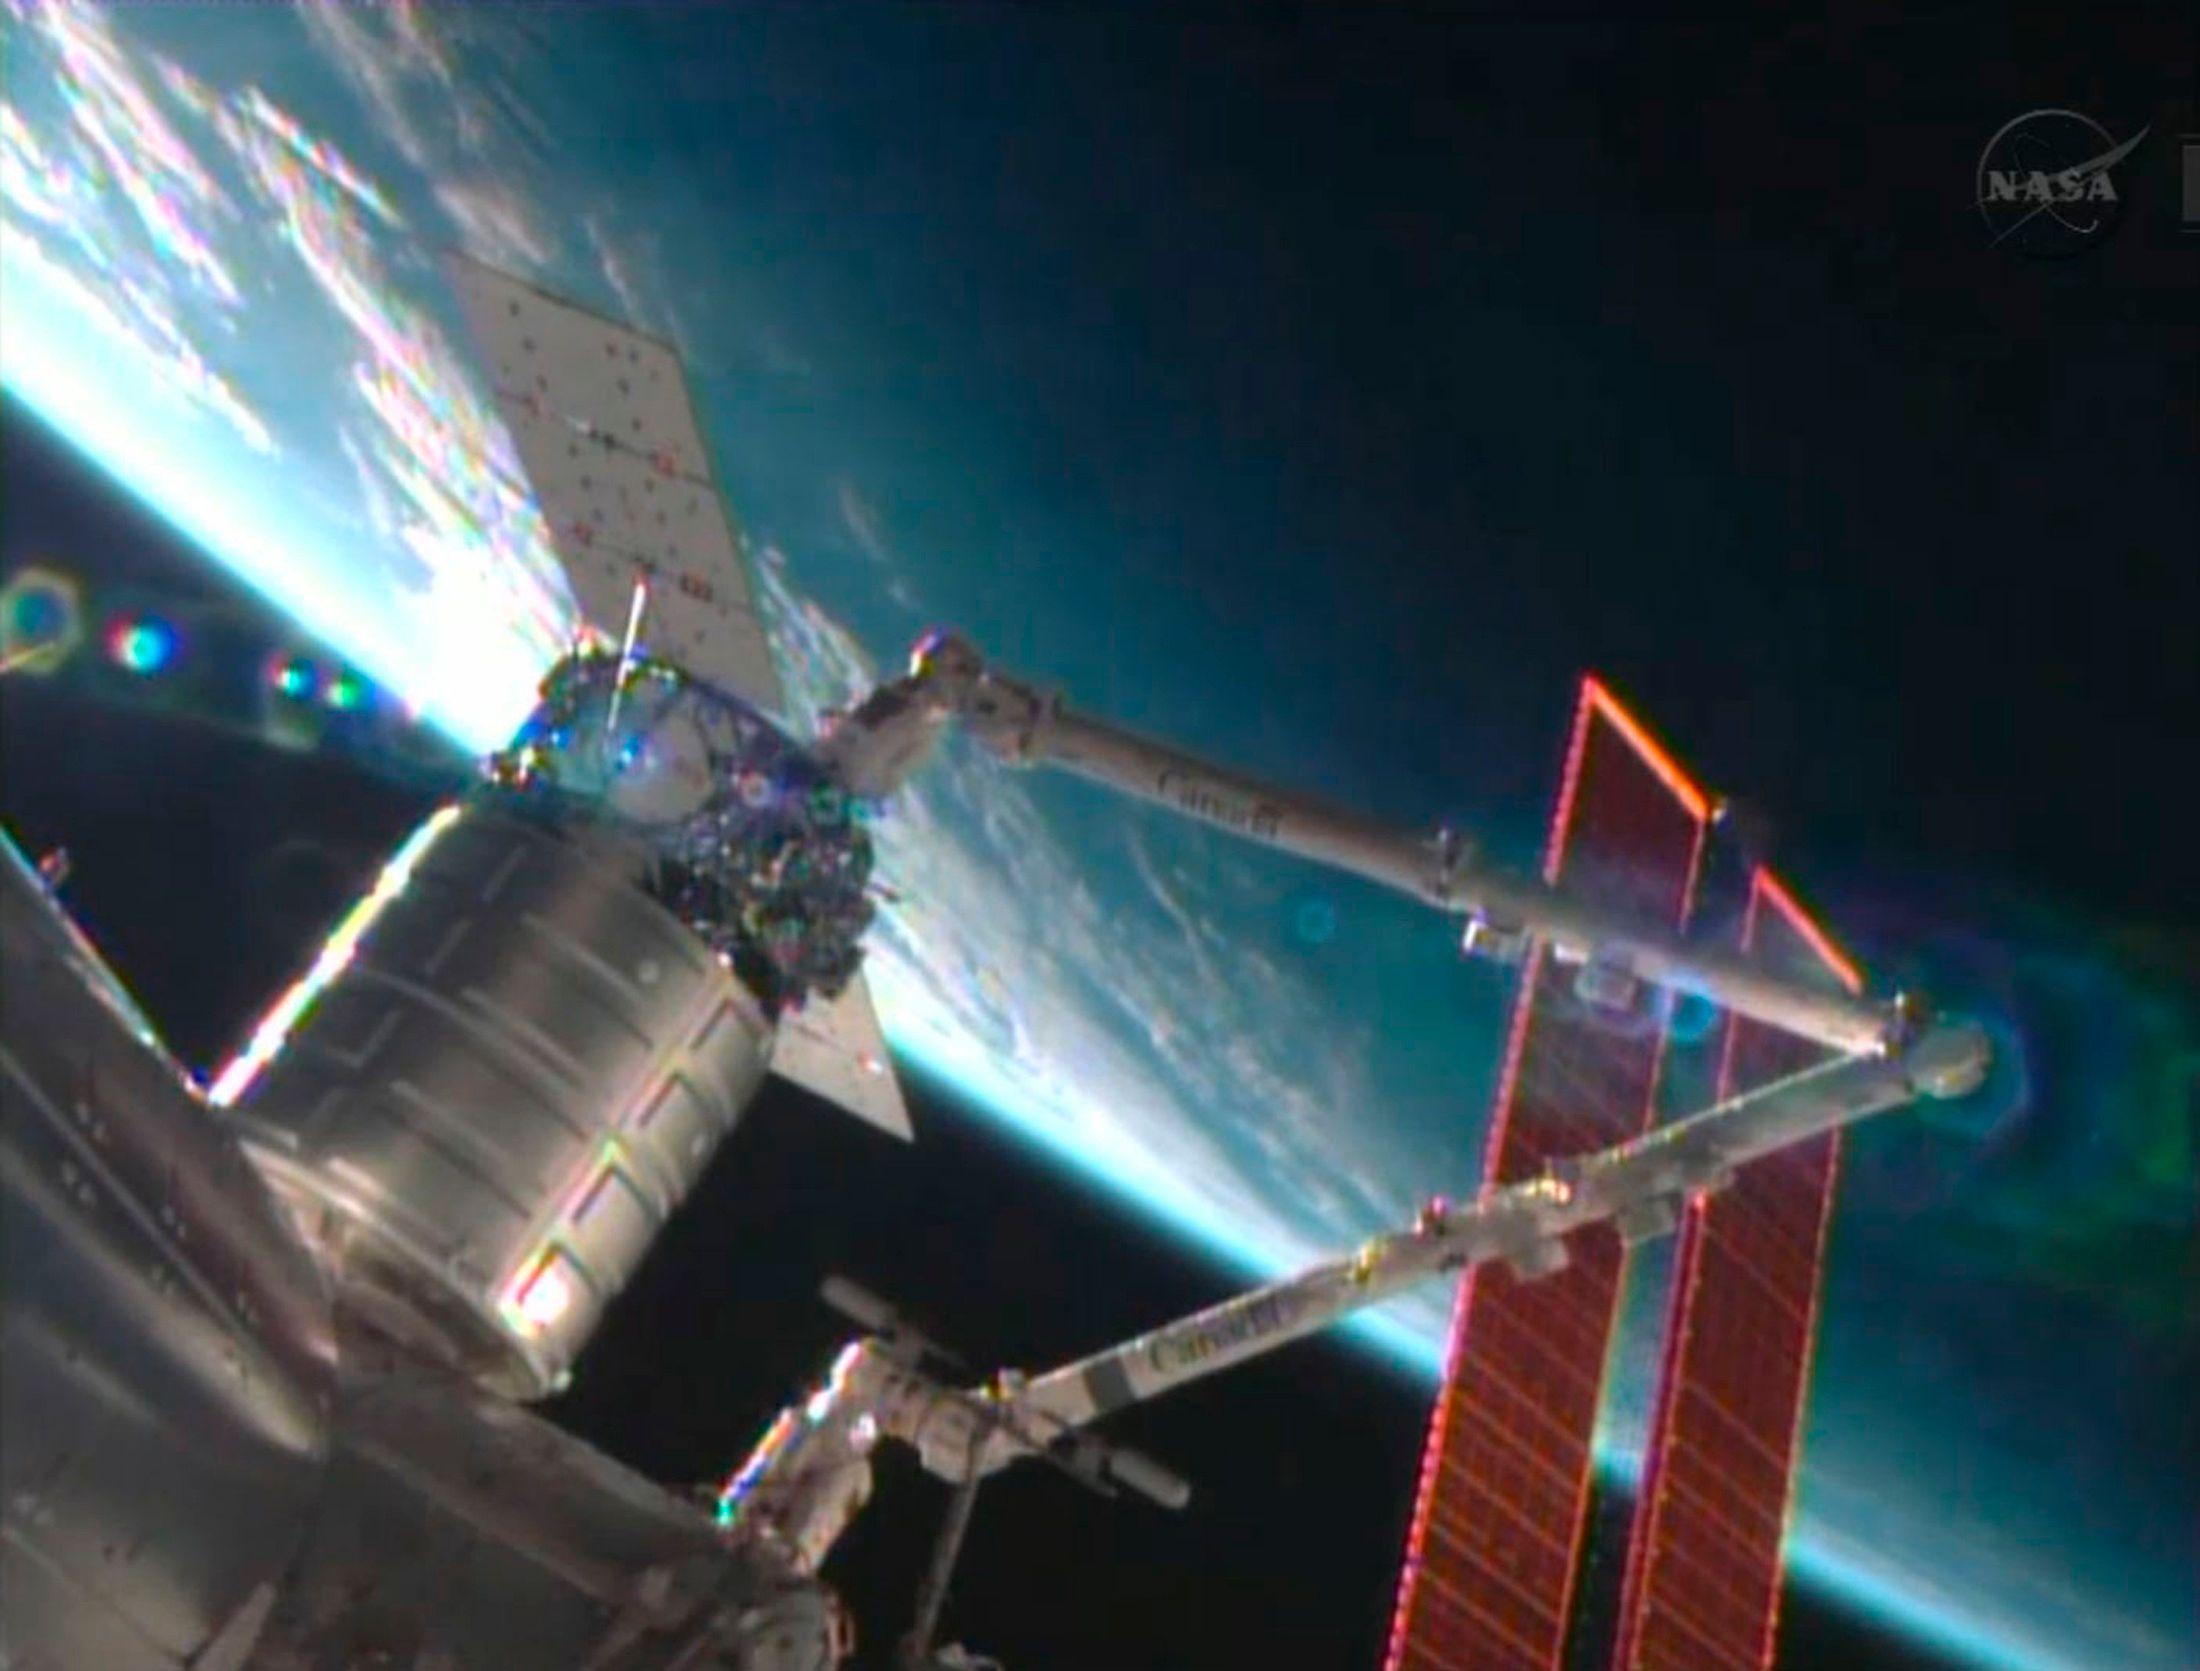 Cygnus est arrivée dimanche à la Station spatiale internationale.